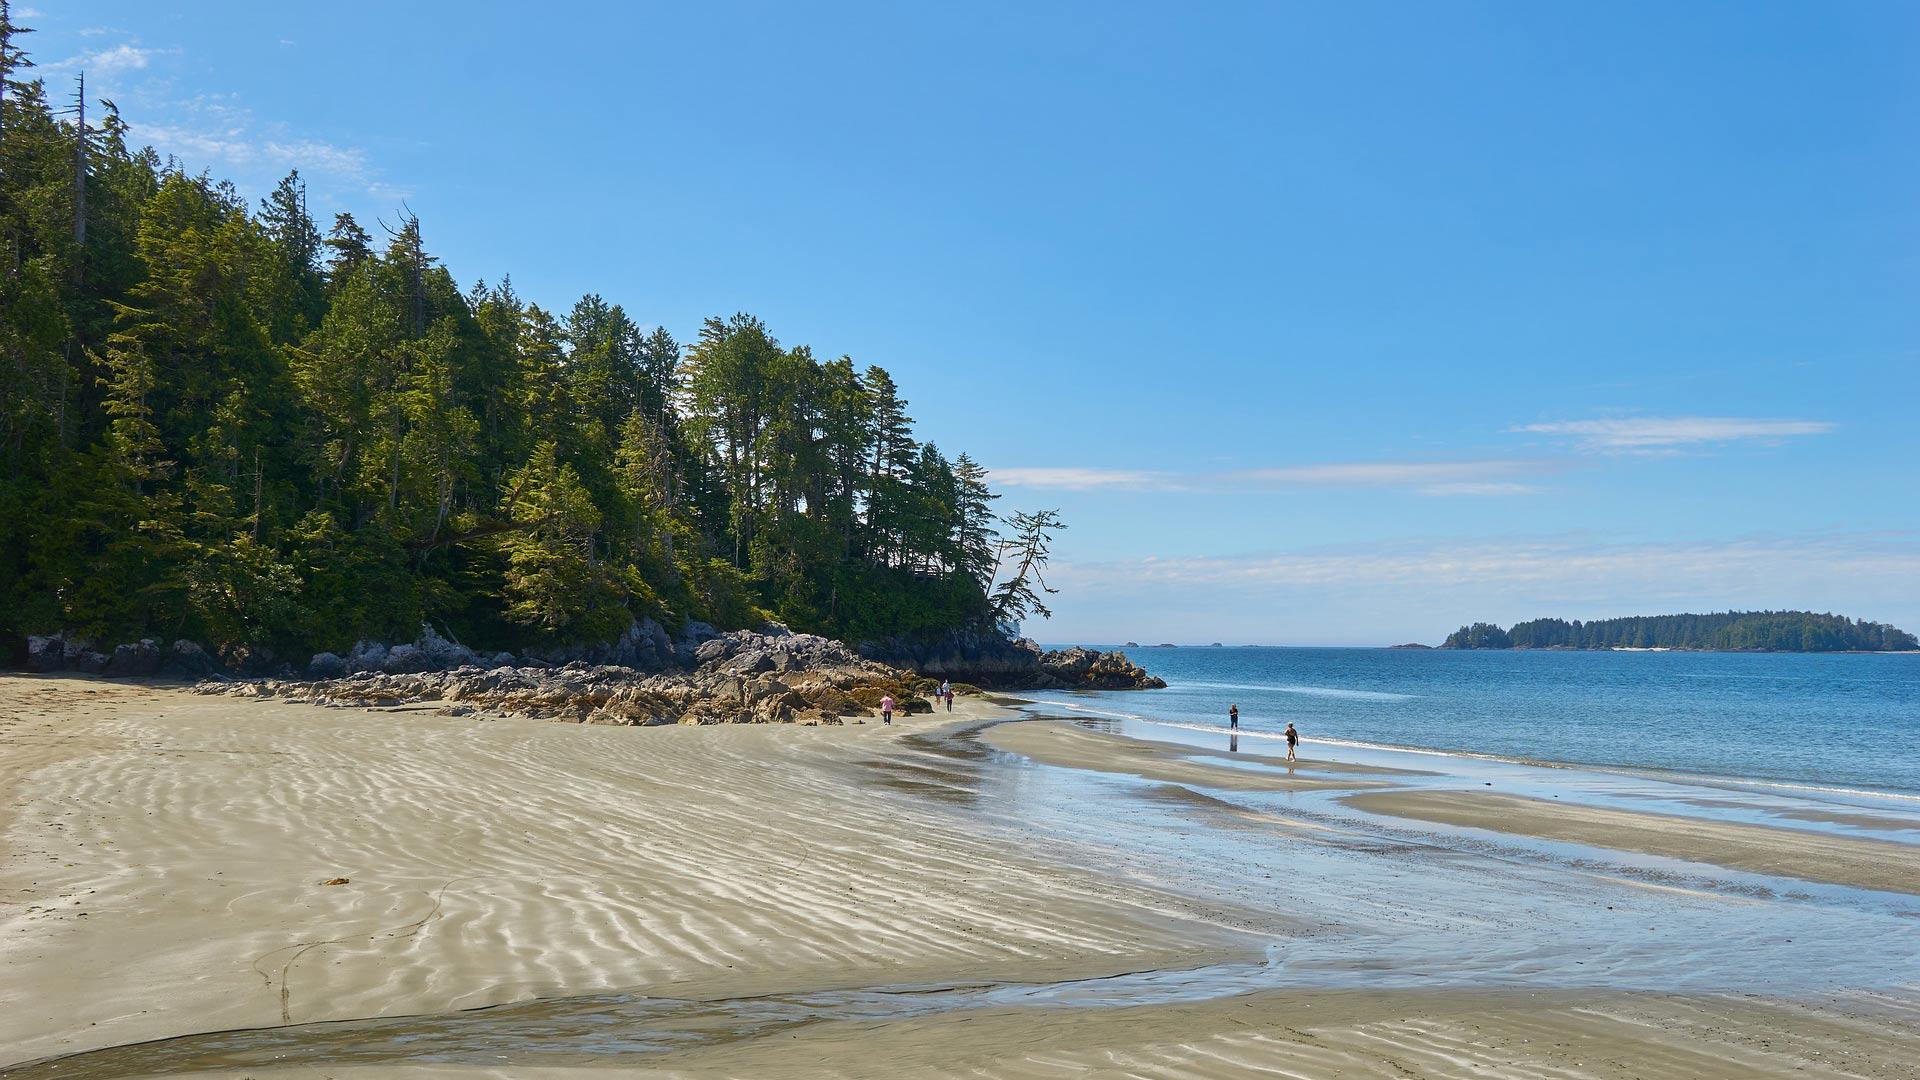 Vancouver et Tofino, séjour contraste entre montagnes et océan